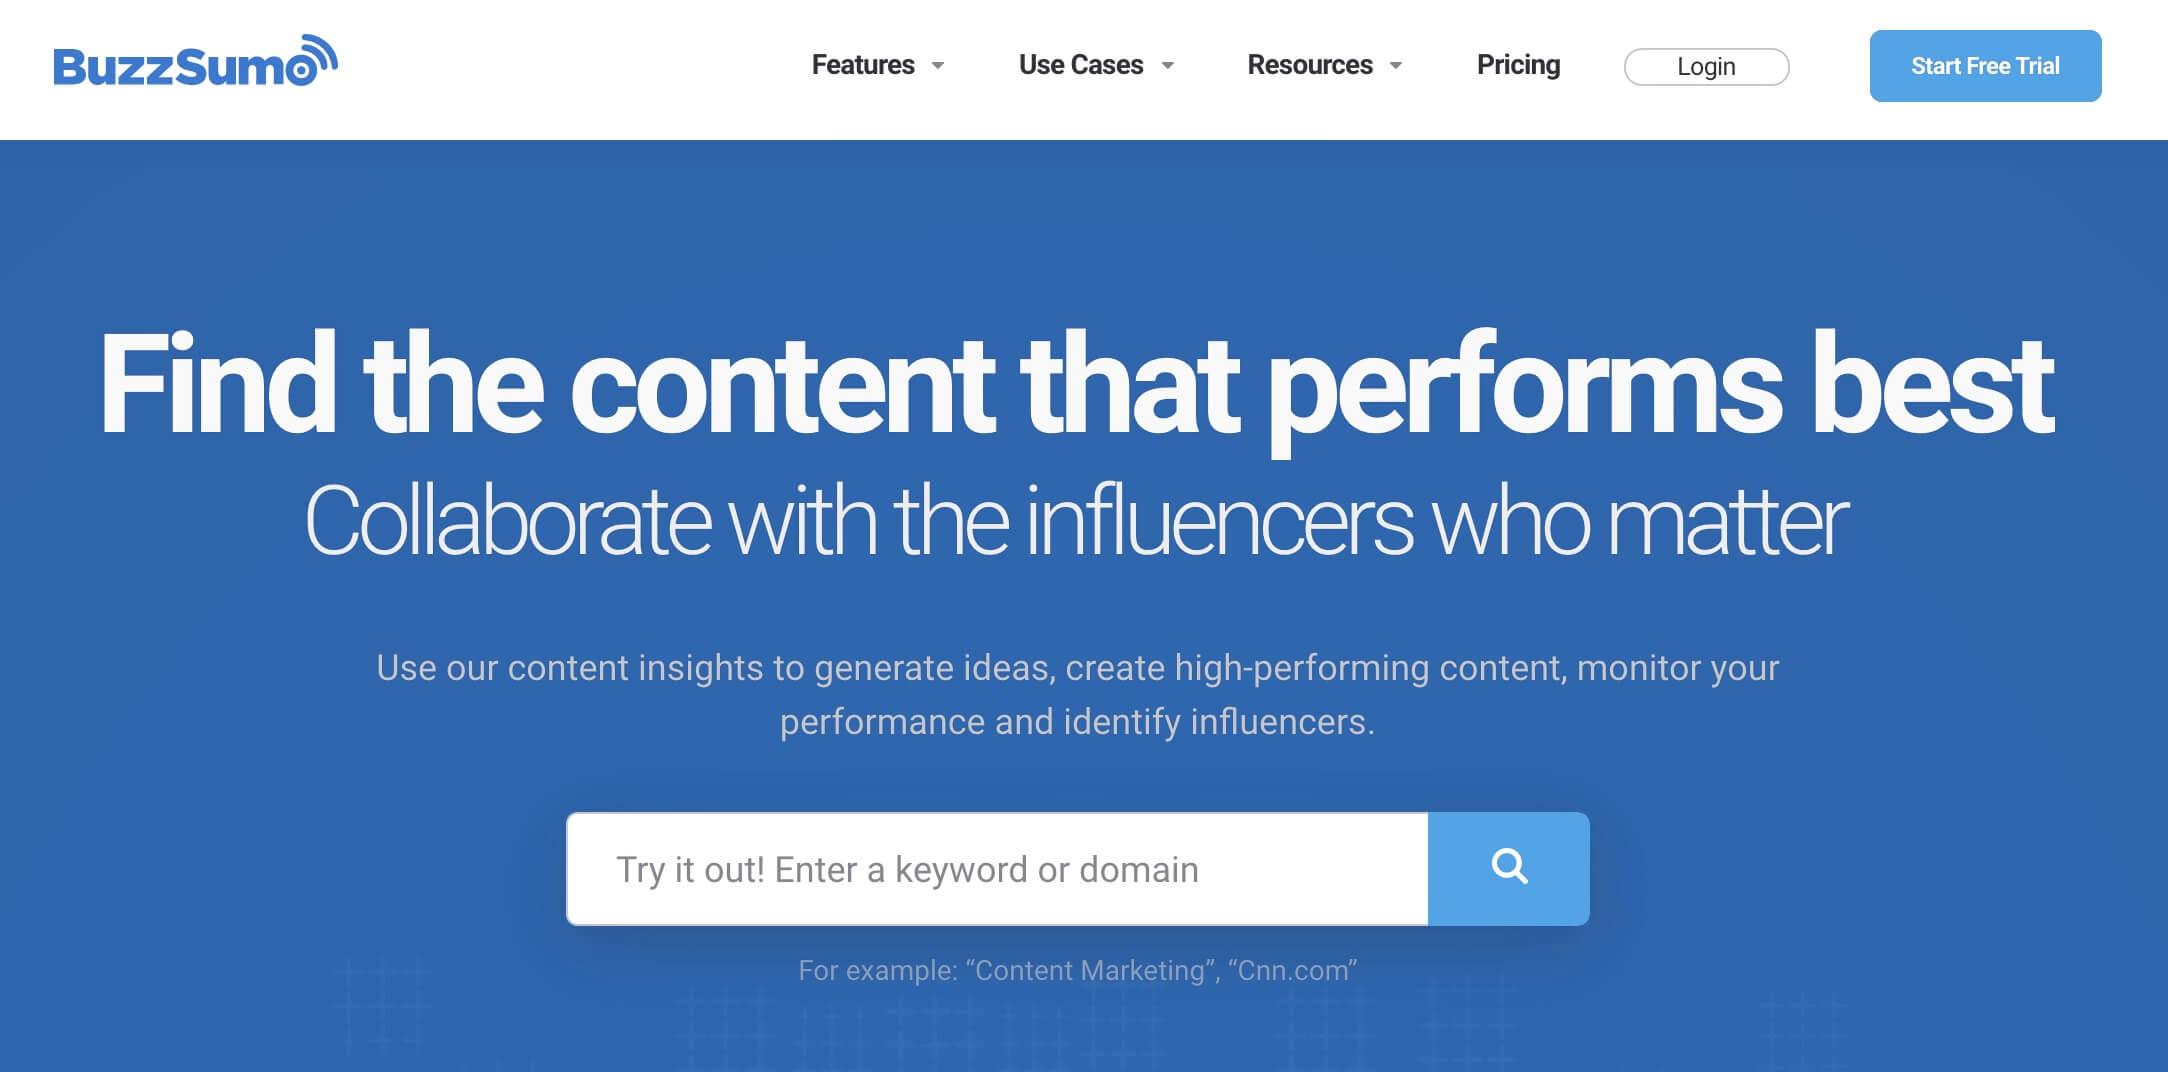 Herramientas para crear publicidad digital: BuzzSumo, herramienta para análisis y selección de contenido en redes sociales